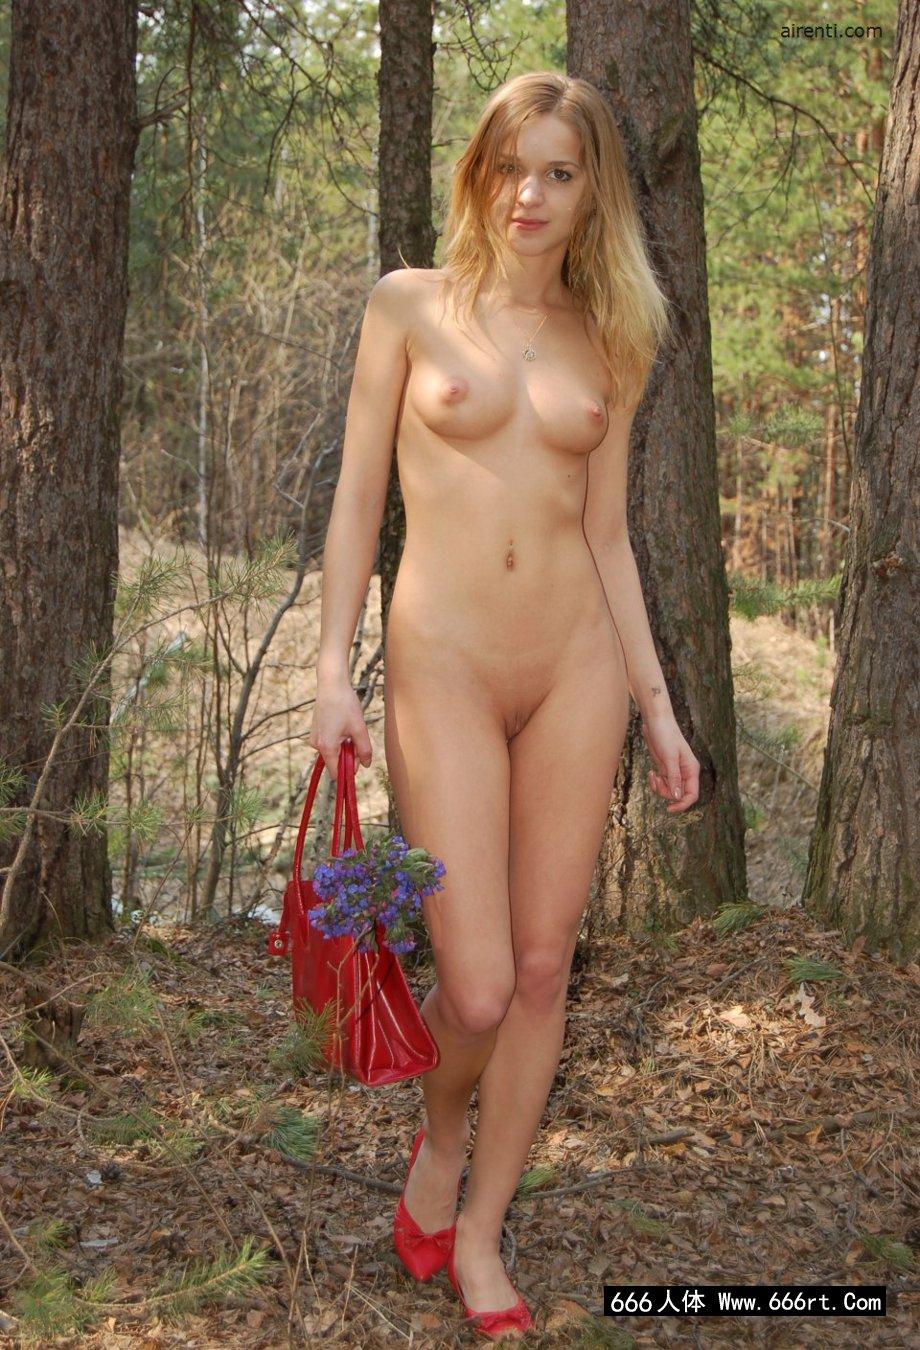 俄罗斯嫩模Masha松树林外拍